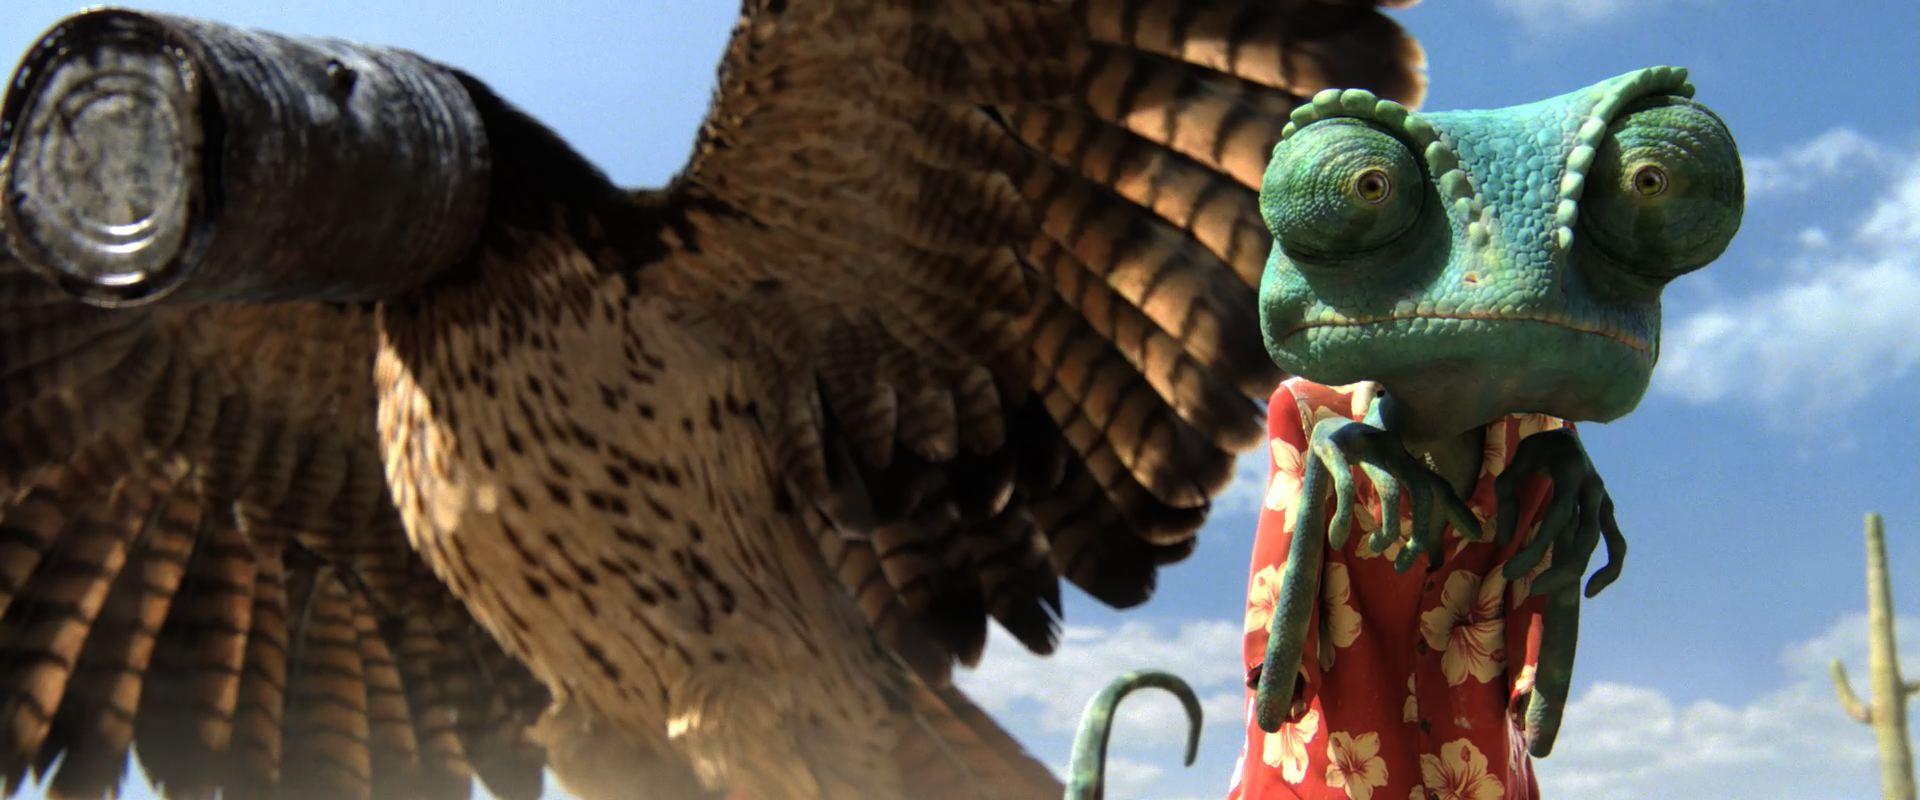 Rango and the hawk desktop wallpaper - Rango hd download ...